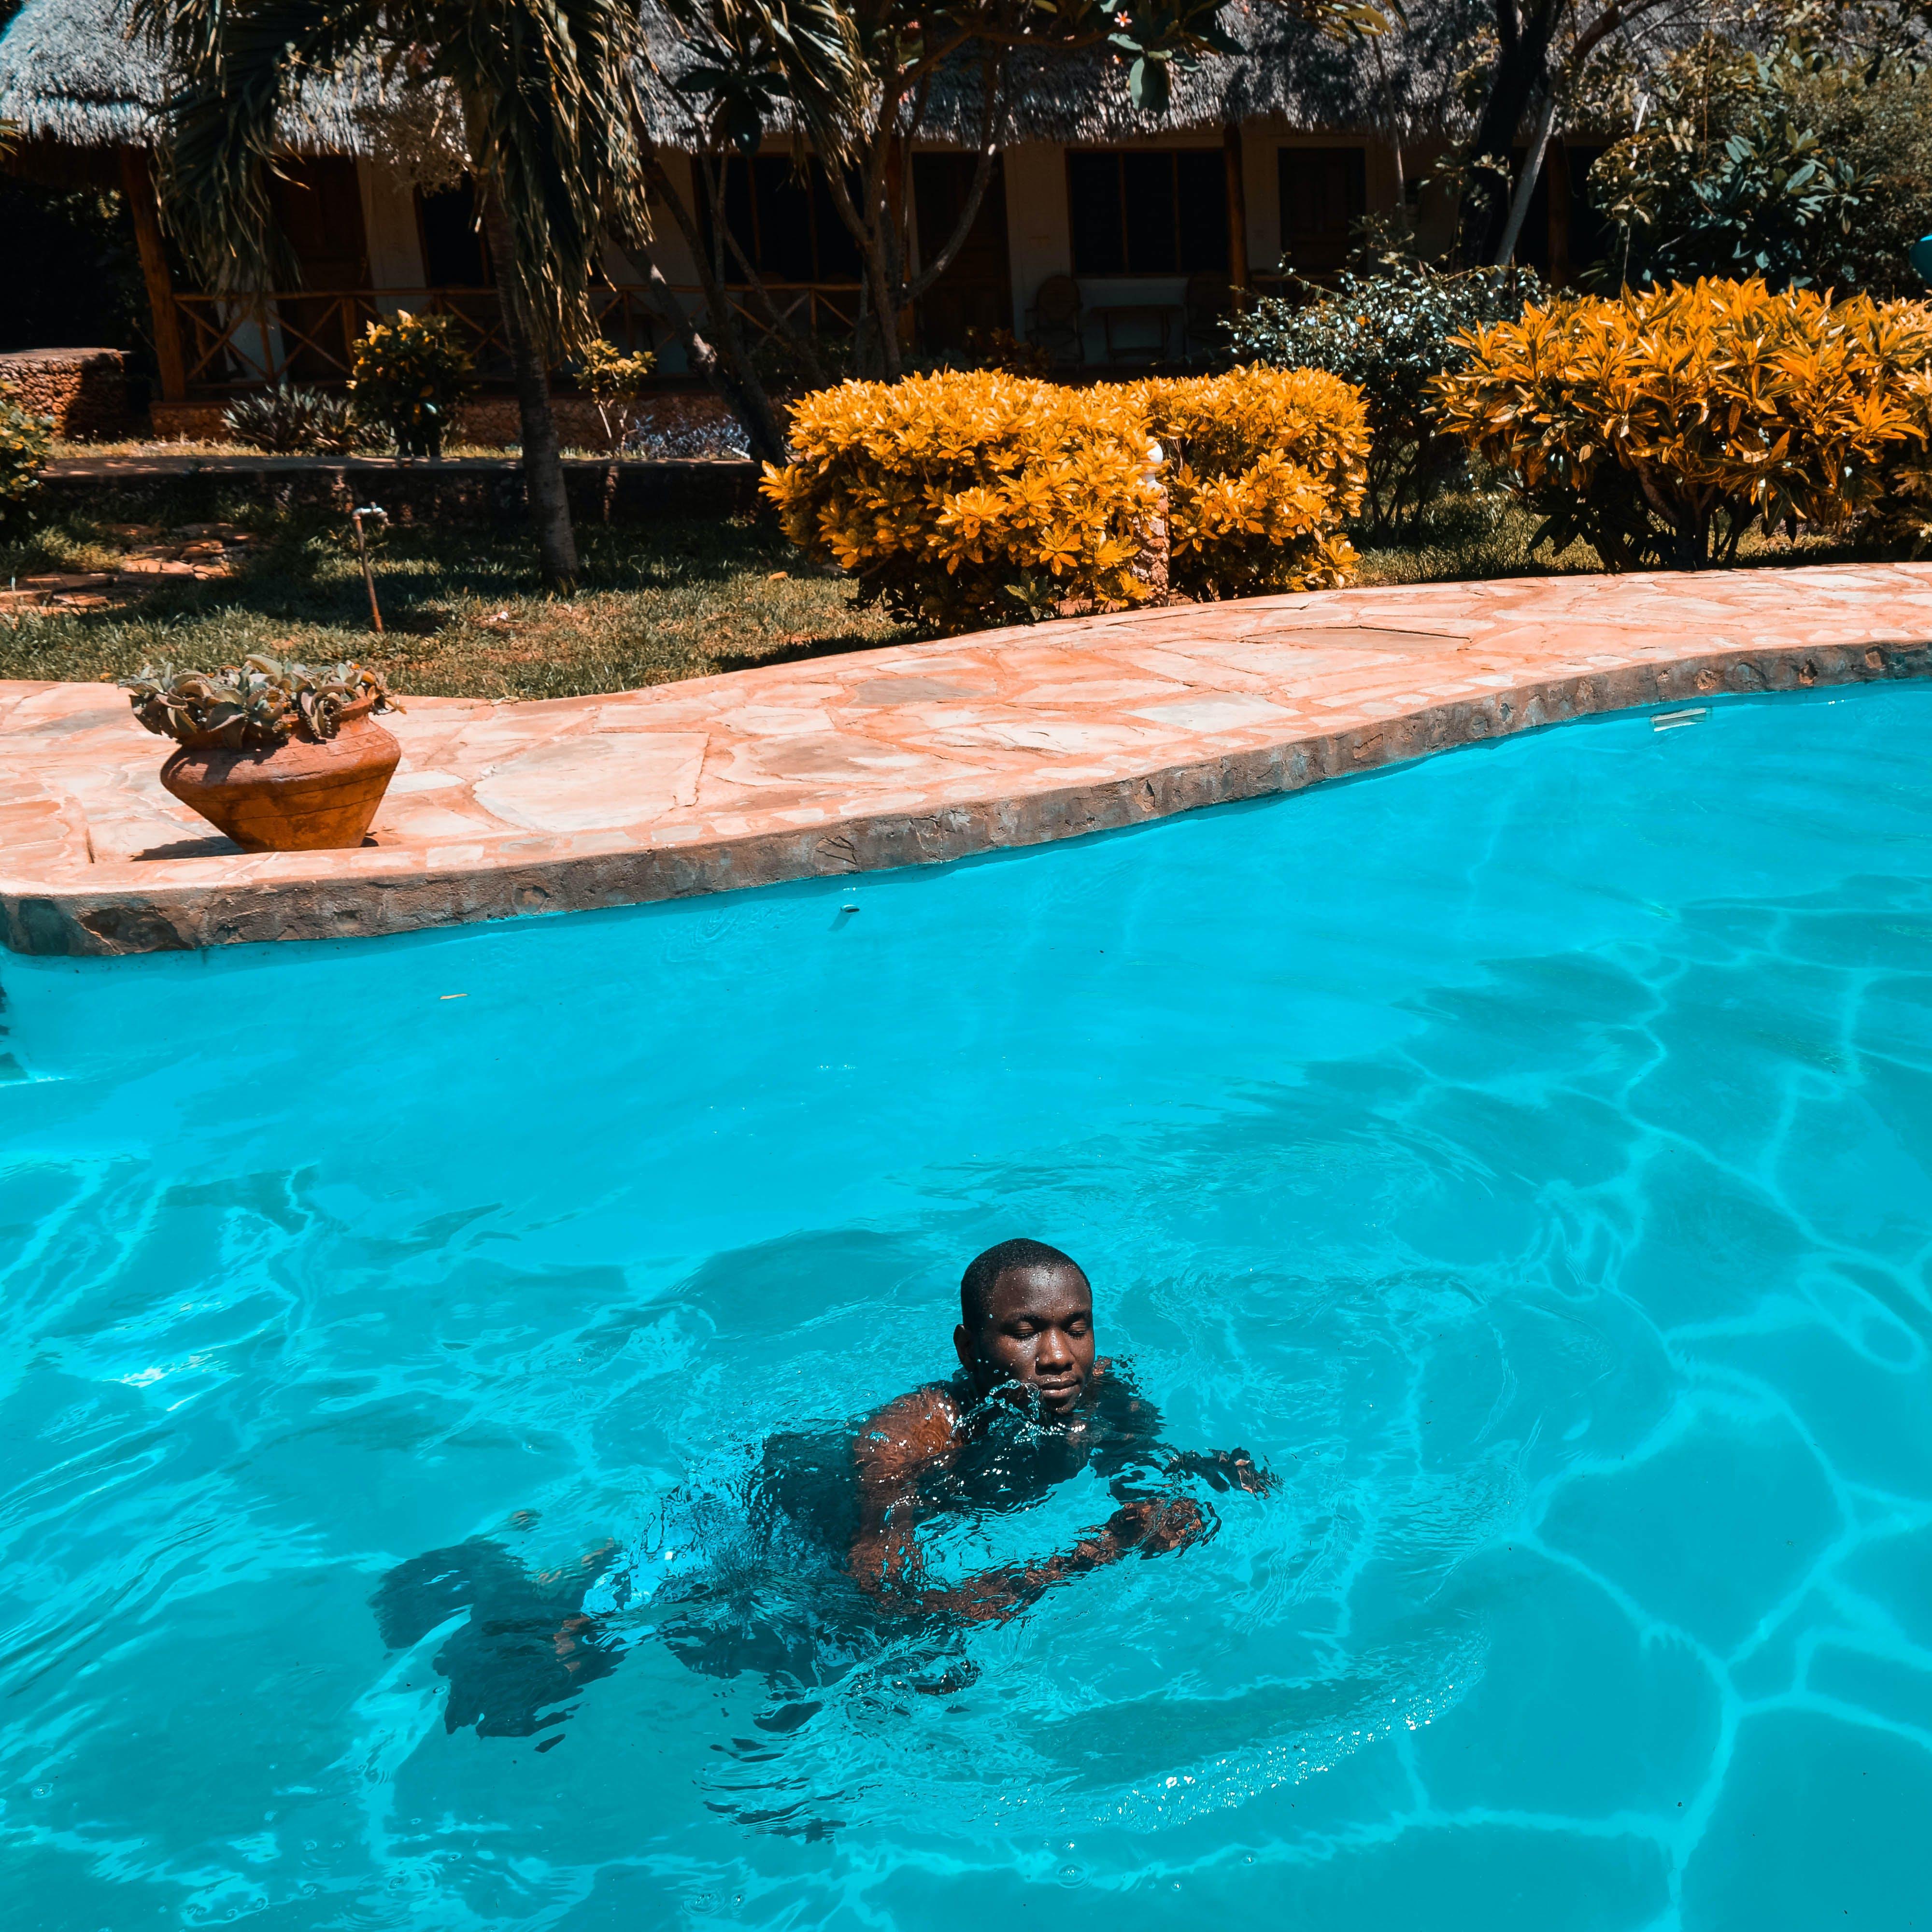 더그아웃 수영장, 수영, 수영장, 흑인 남성의 무료 스톡 사진